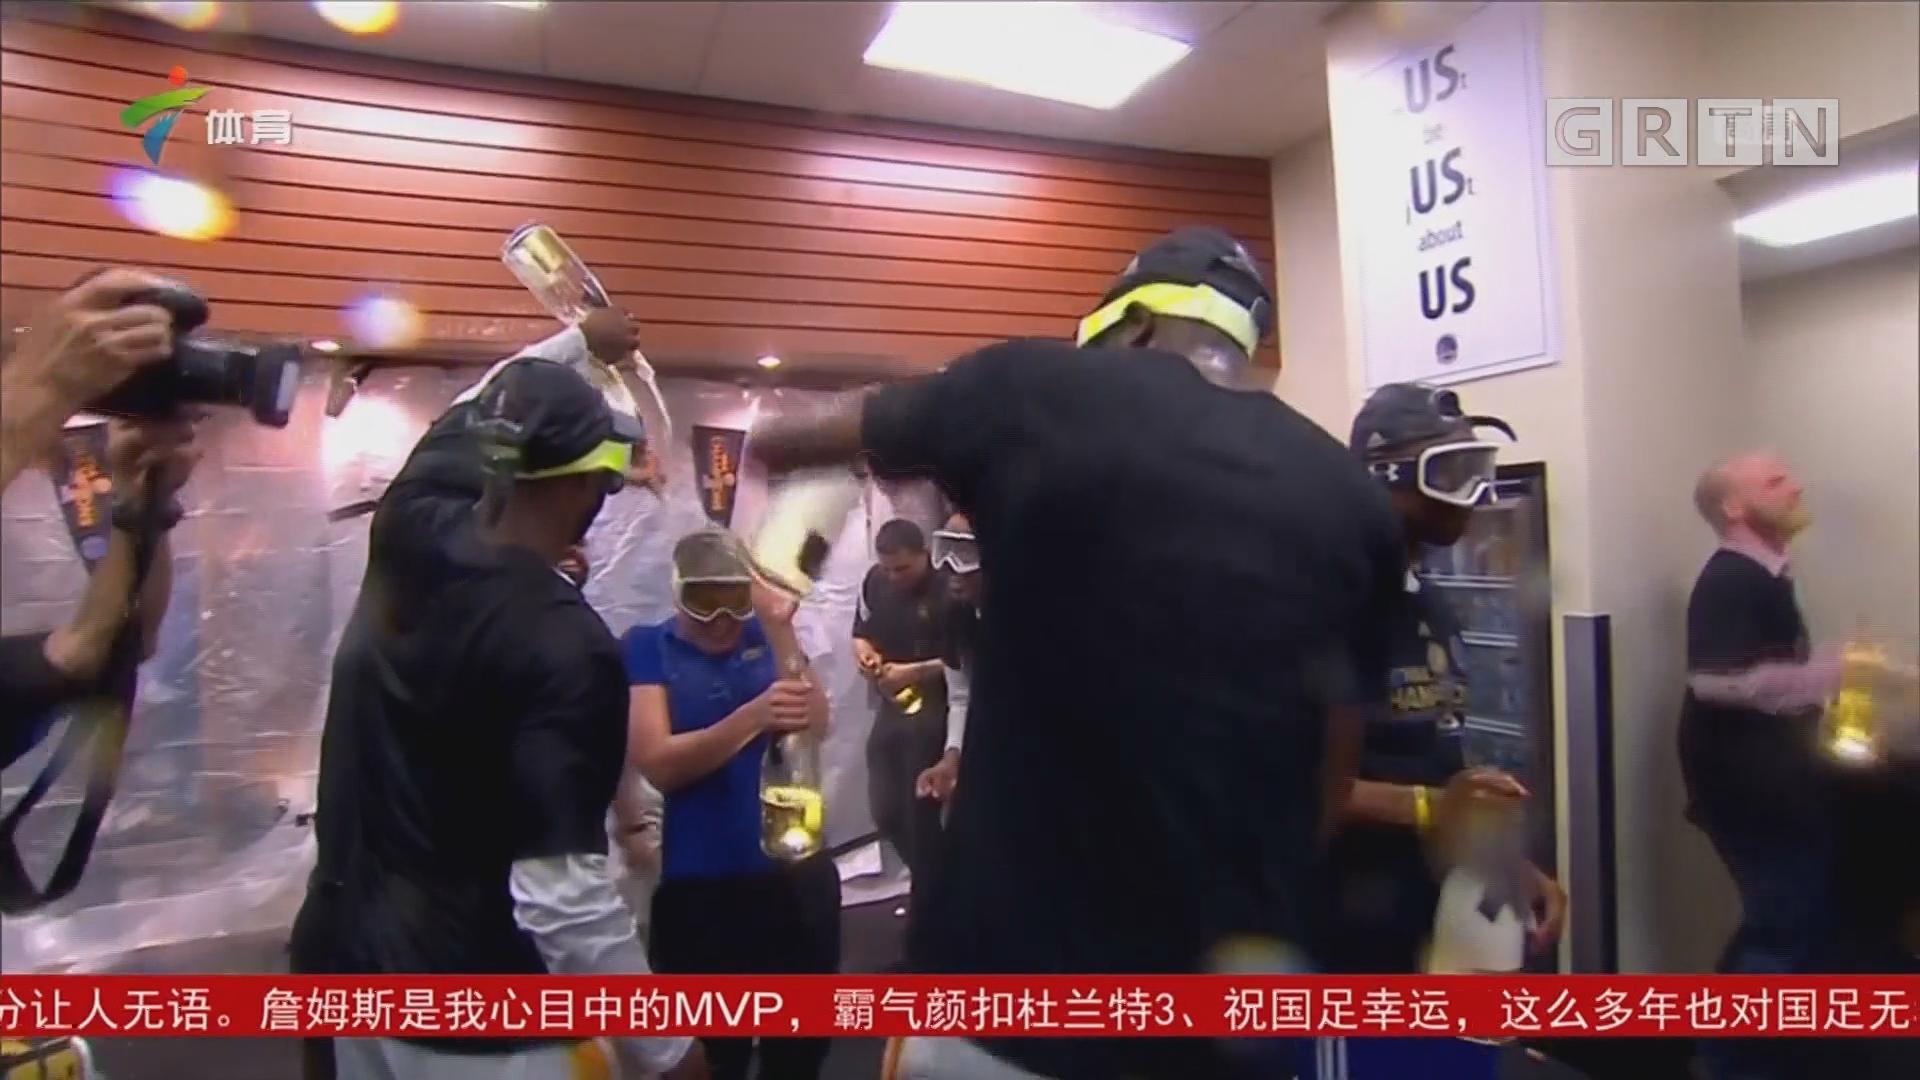 勇士队更衣室喷香槟庆祝 球迷场外群舞欢呼